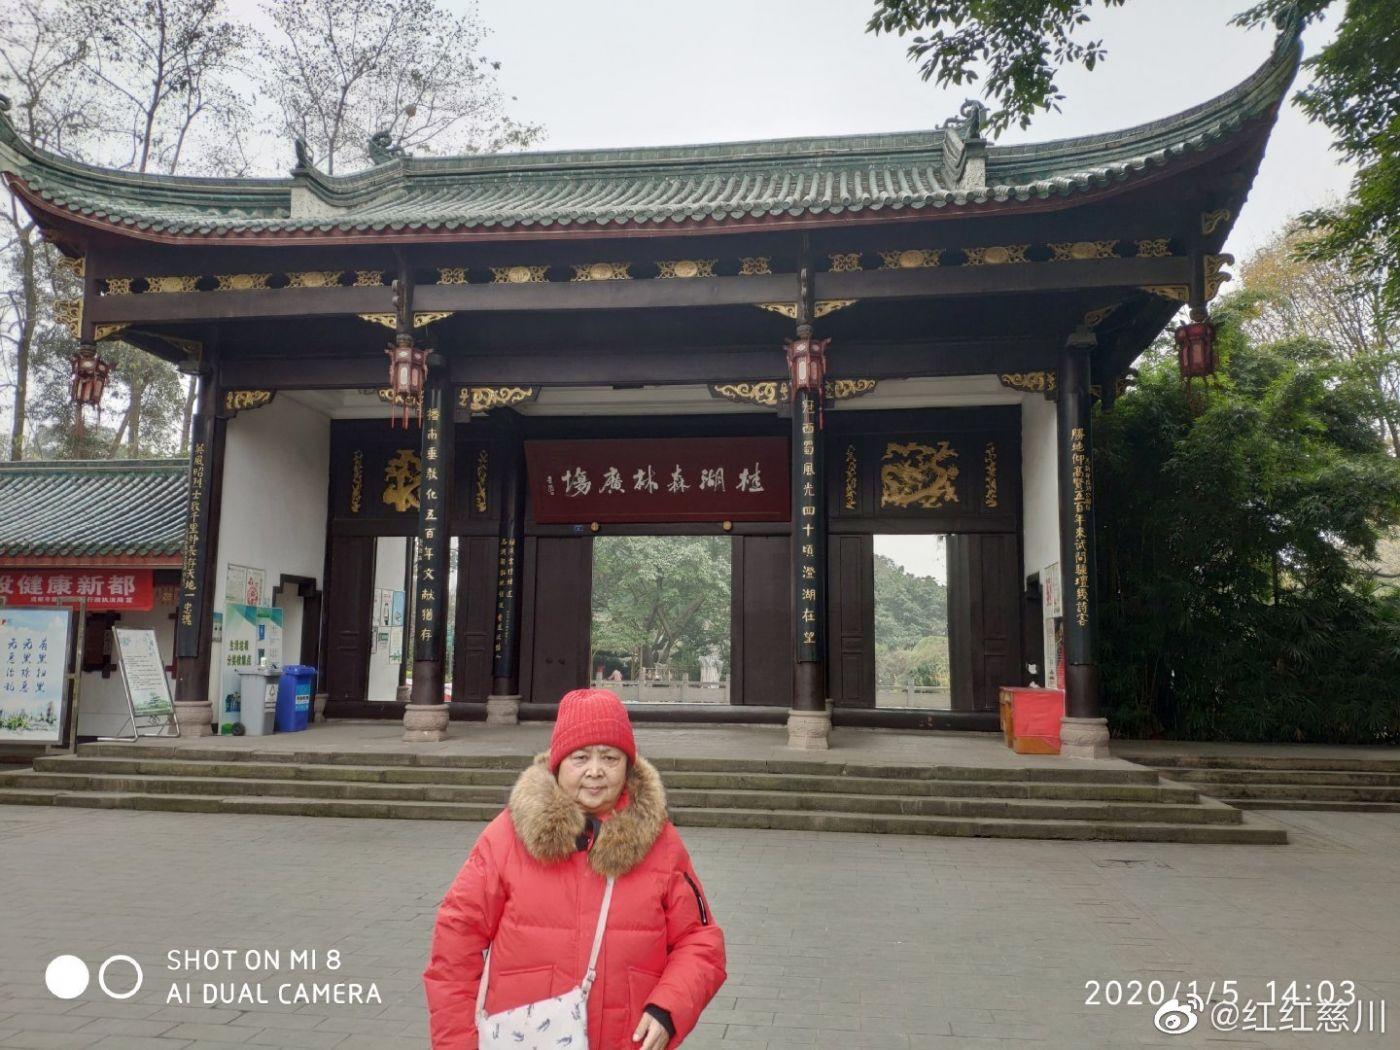 新都宝光寺与桂湖公园_图1-8